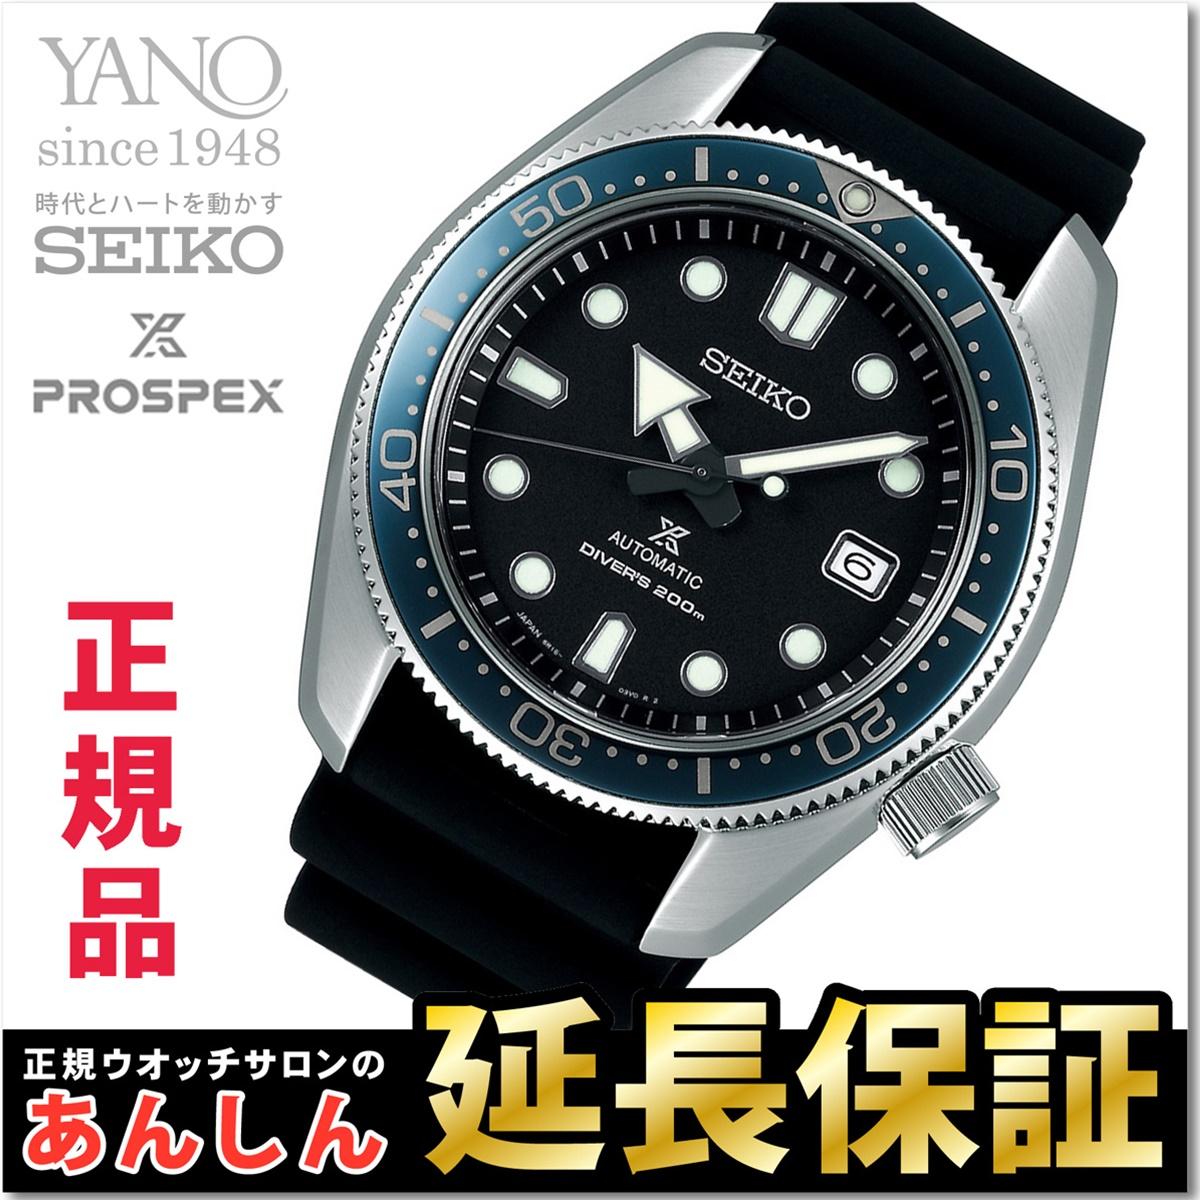 【ノベルティ付き♪】セイコー プロスペックス SBDC063 ダイバースキューバ ヒストリカルコレクション メカニカル 自動巻き  腕時計 メンズ  SEIKO PROSPEX 【正規品】【0618】_10spl